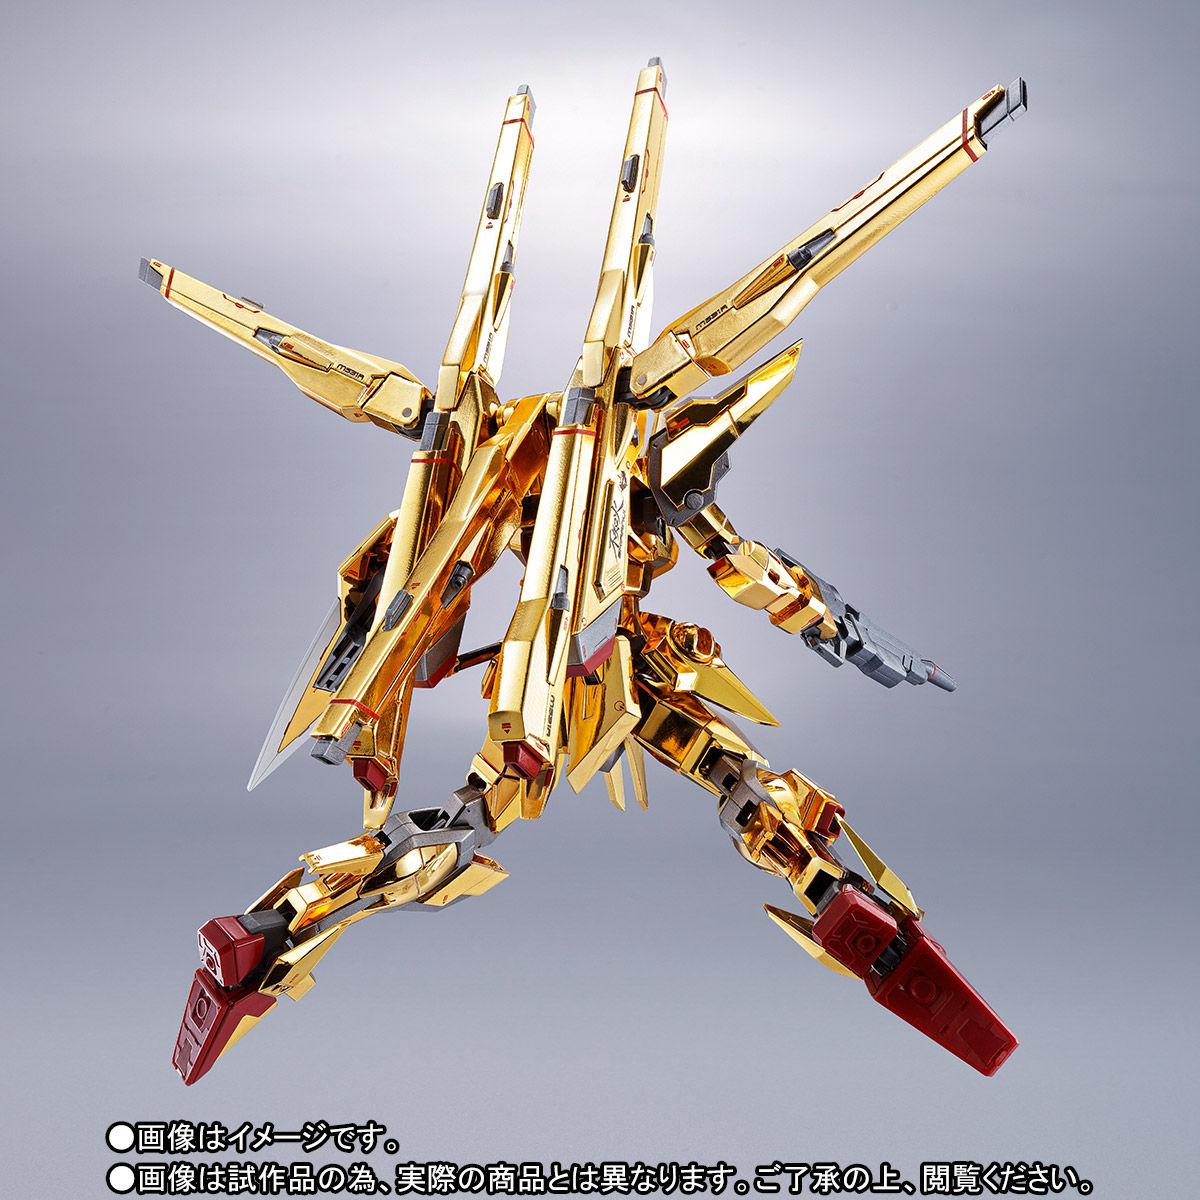 【限定販売】METAL ROBOT魂〈SIDE MS〉『アカツキガンダム(シラヌイ装備)』機動戦士ガンダムSEED DESTINY 可動フィギュア-006